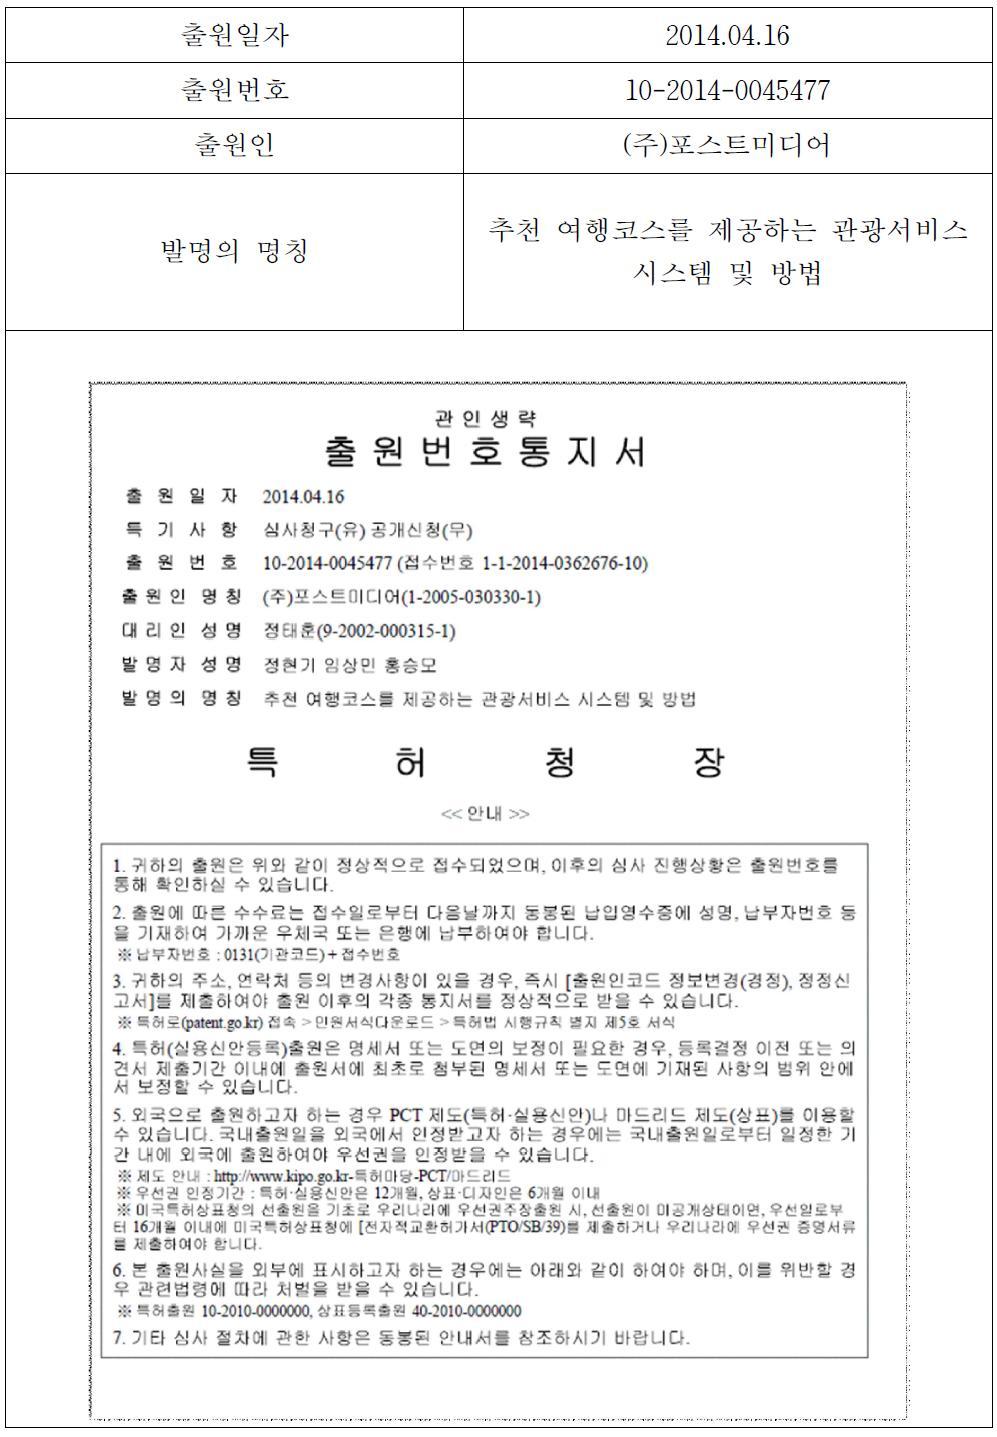 국내 출원 특허 - 2